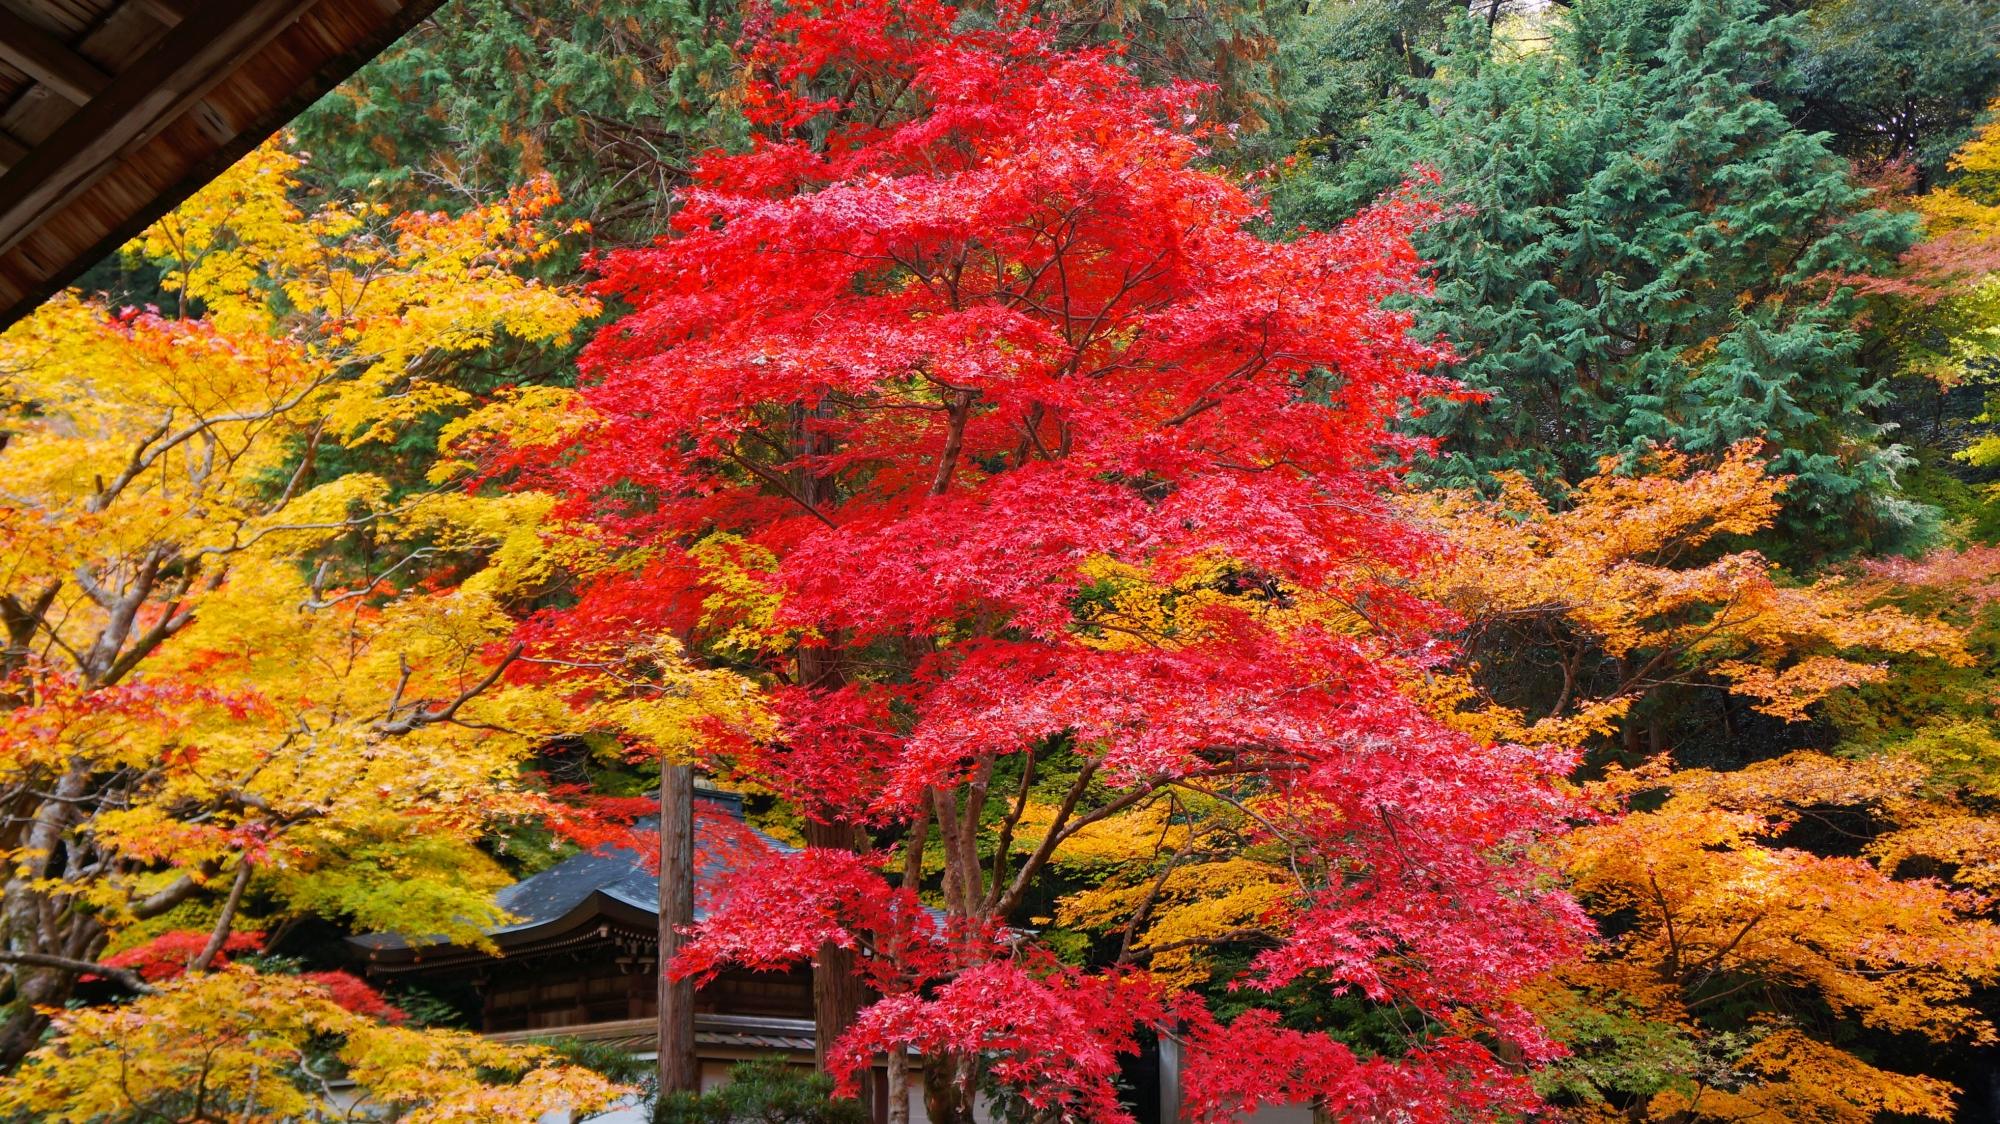 南禅院庭園を彩る鮮やかな紅葉